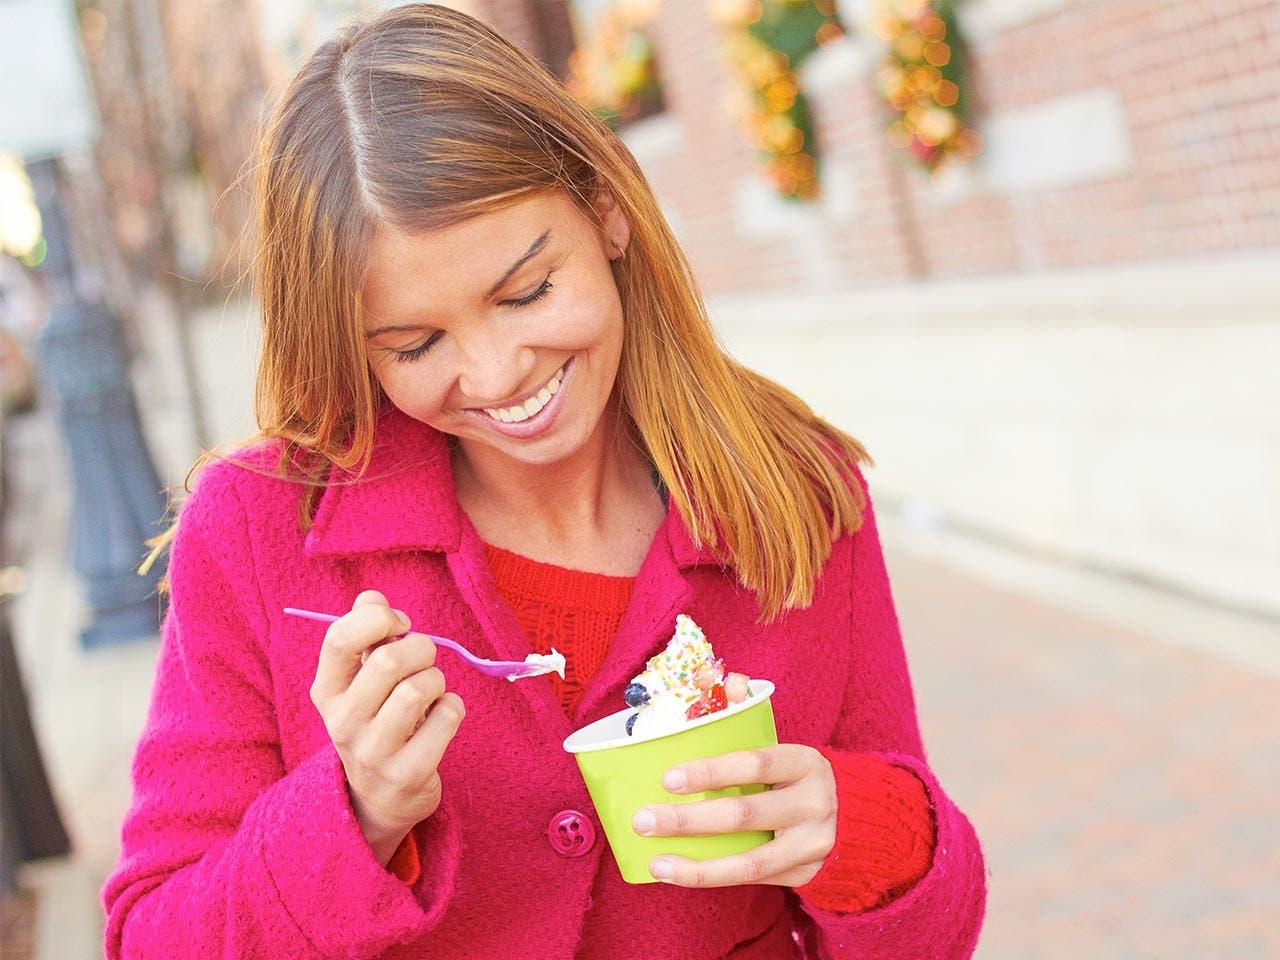 Frozen Yogurt | Matthew Ennis/Shutterstock.com